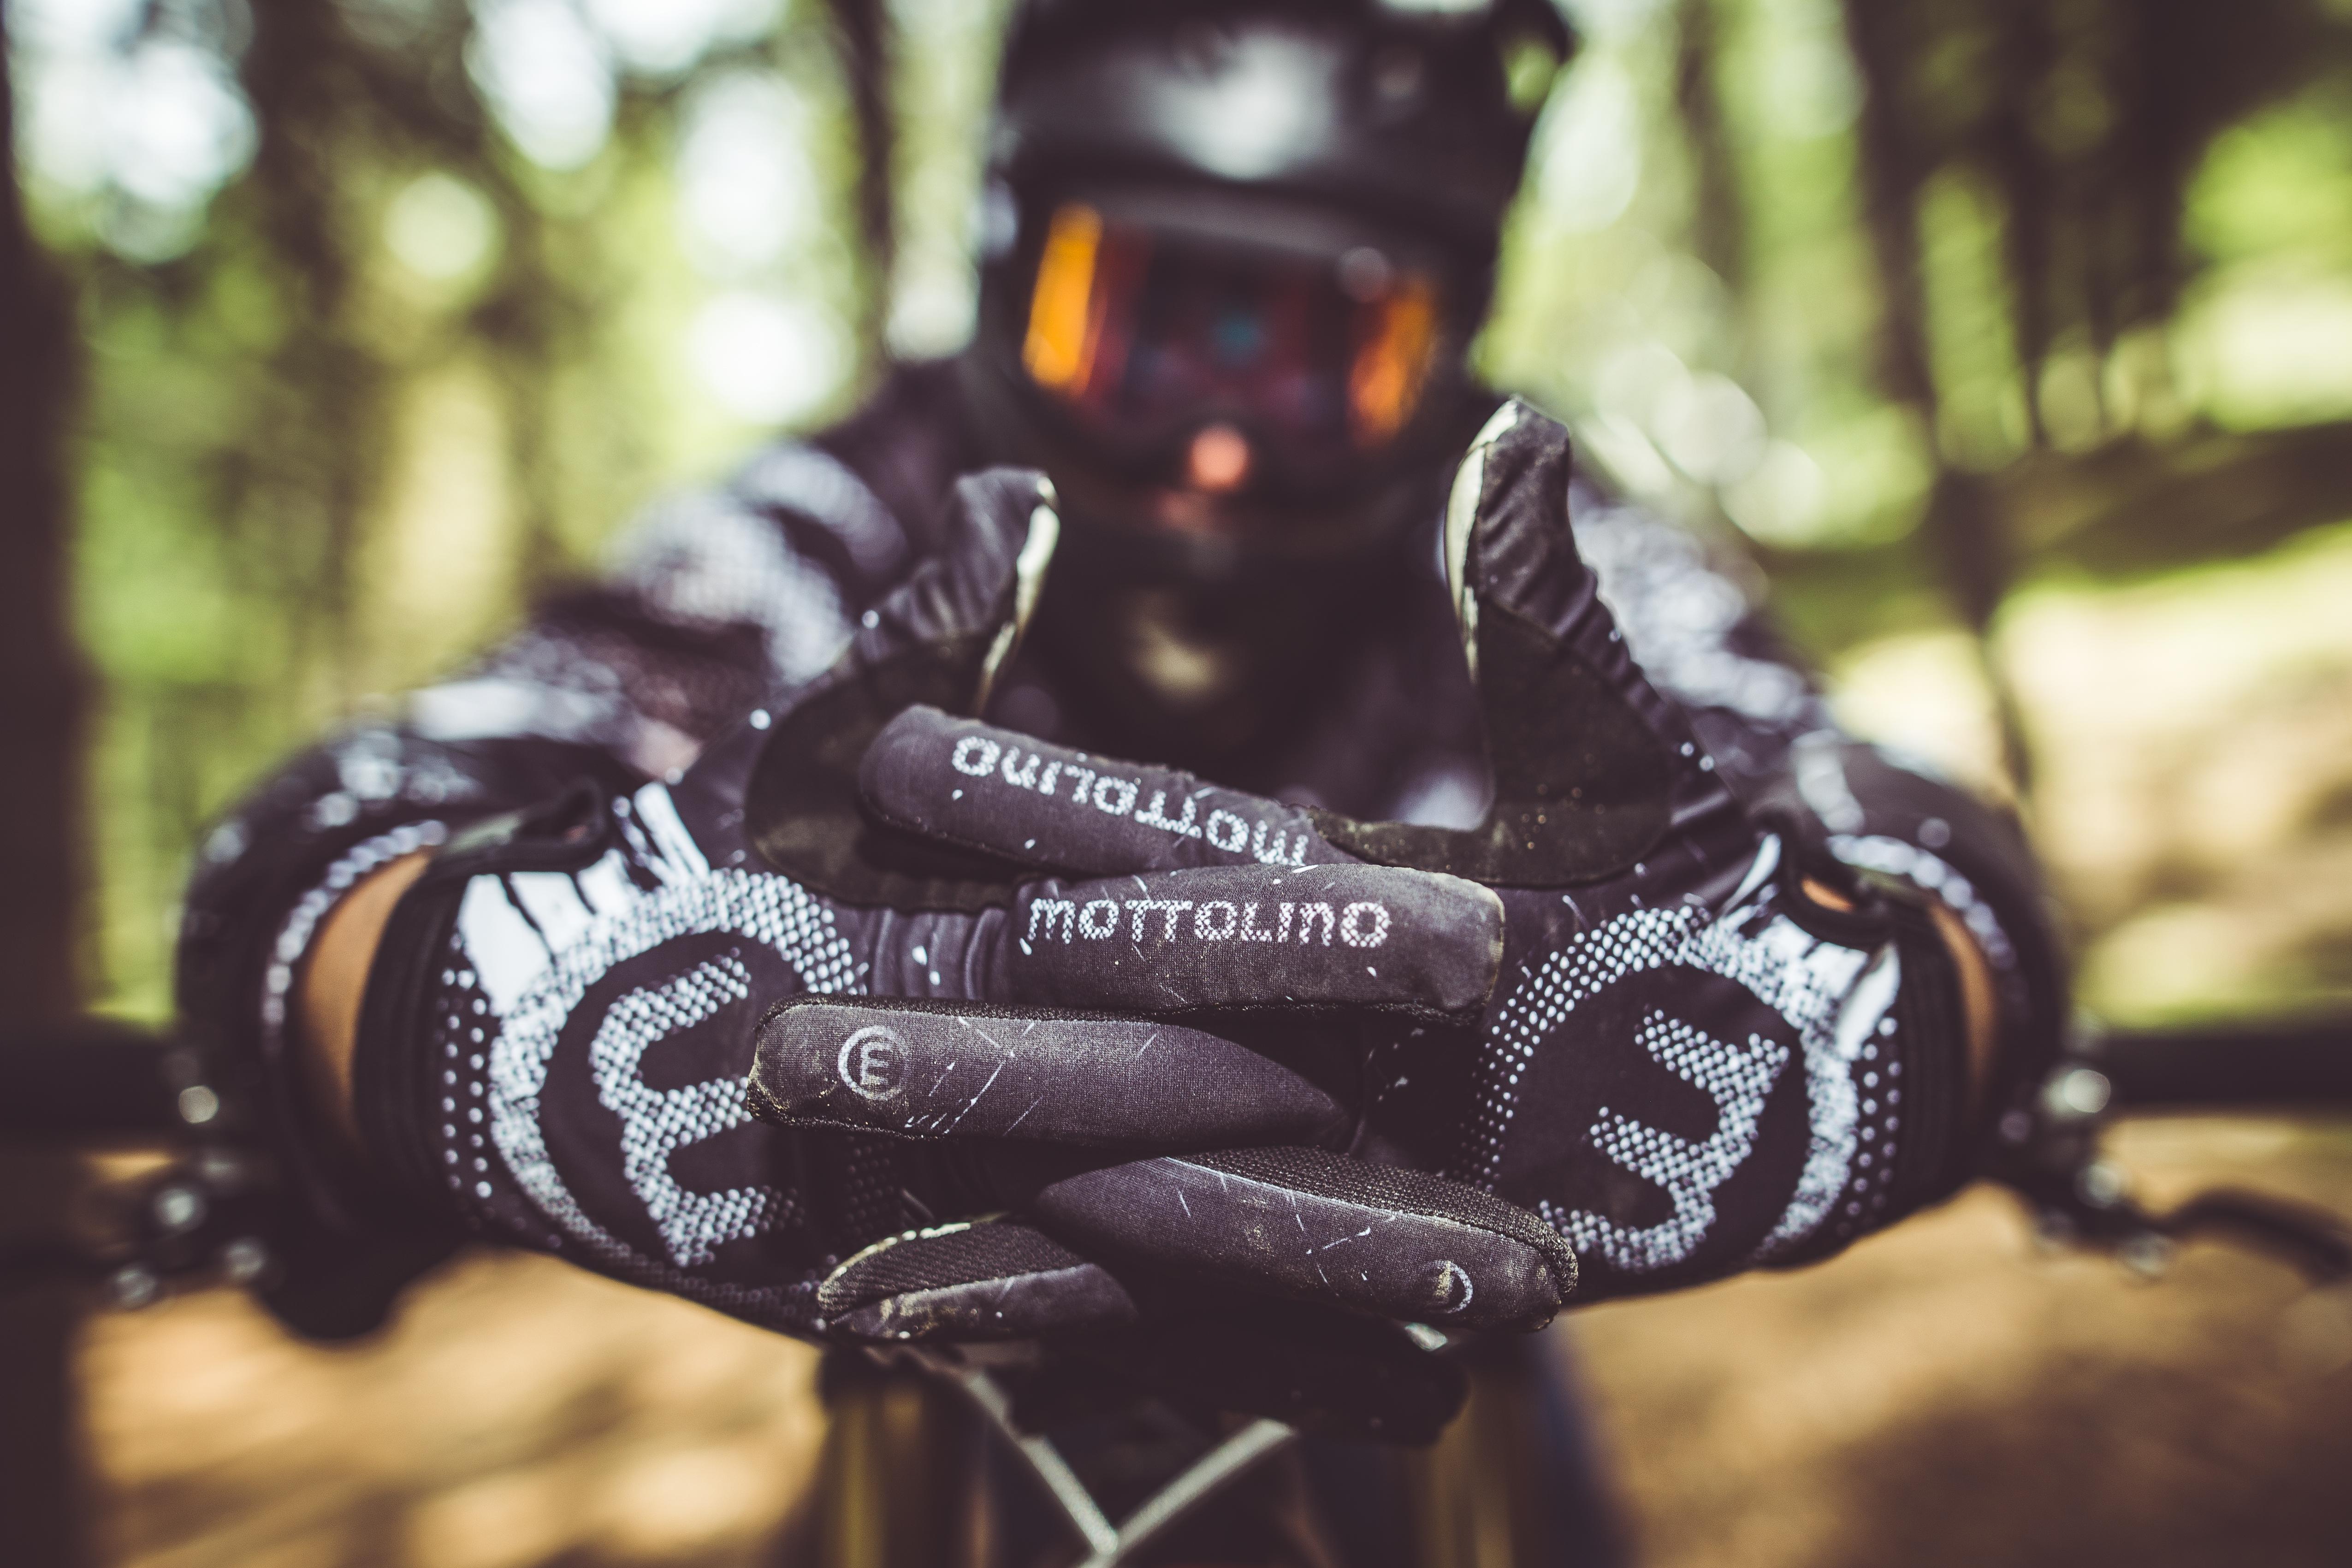 Abbigliamento Mottolino per rider di downhill